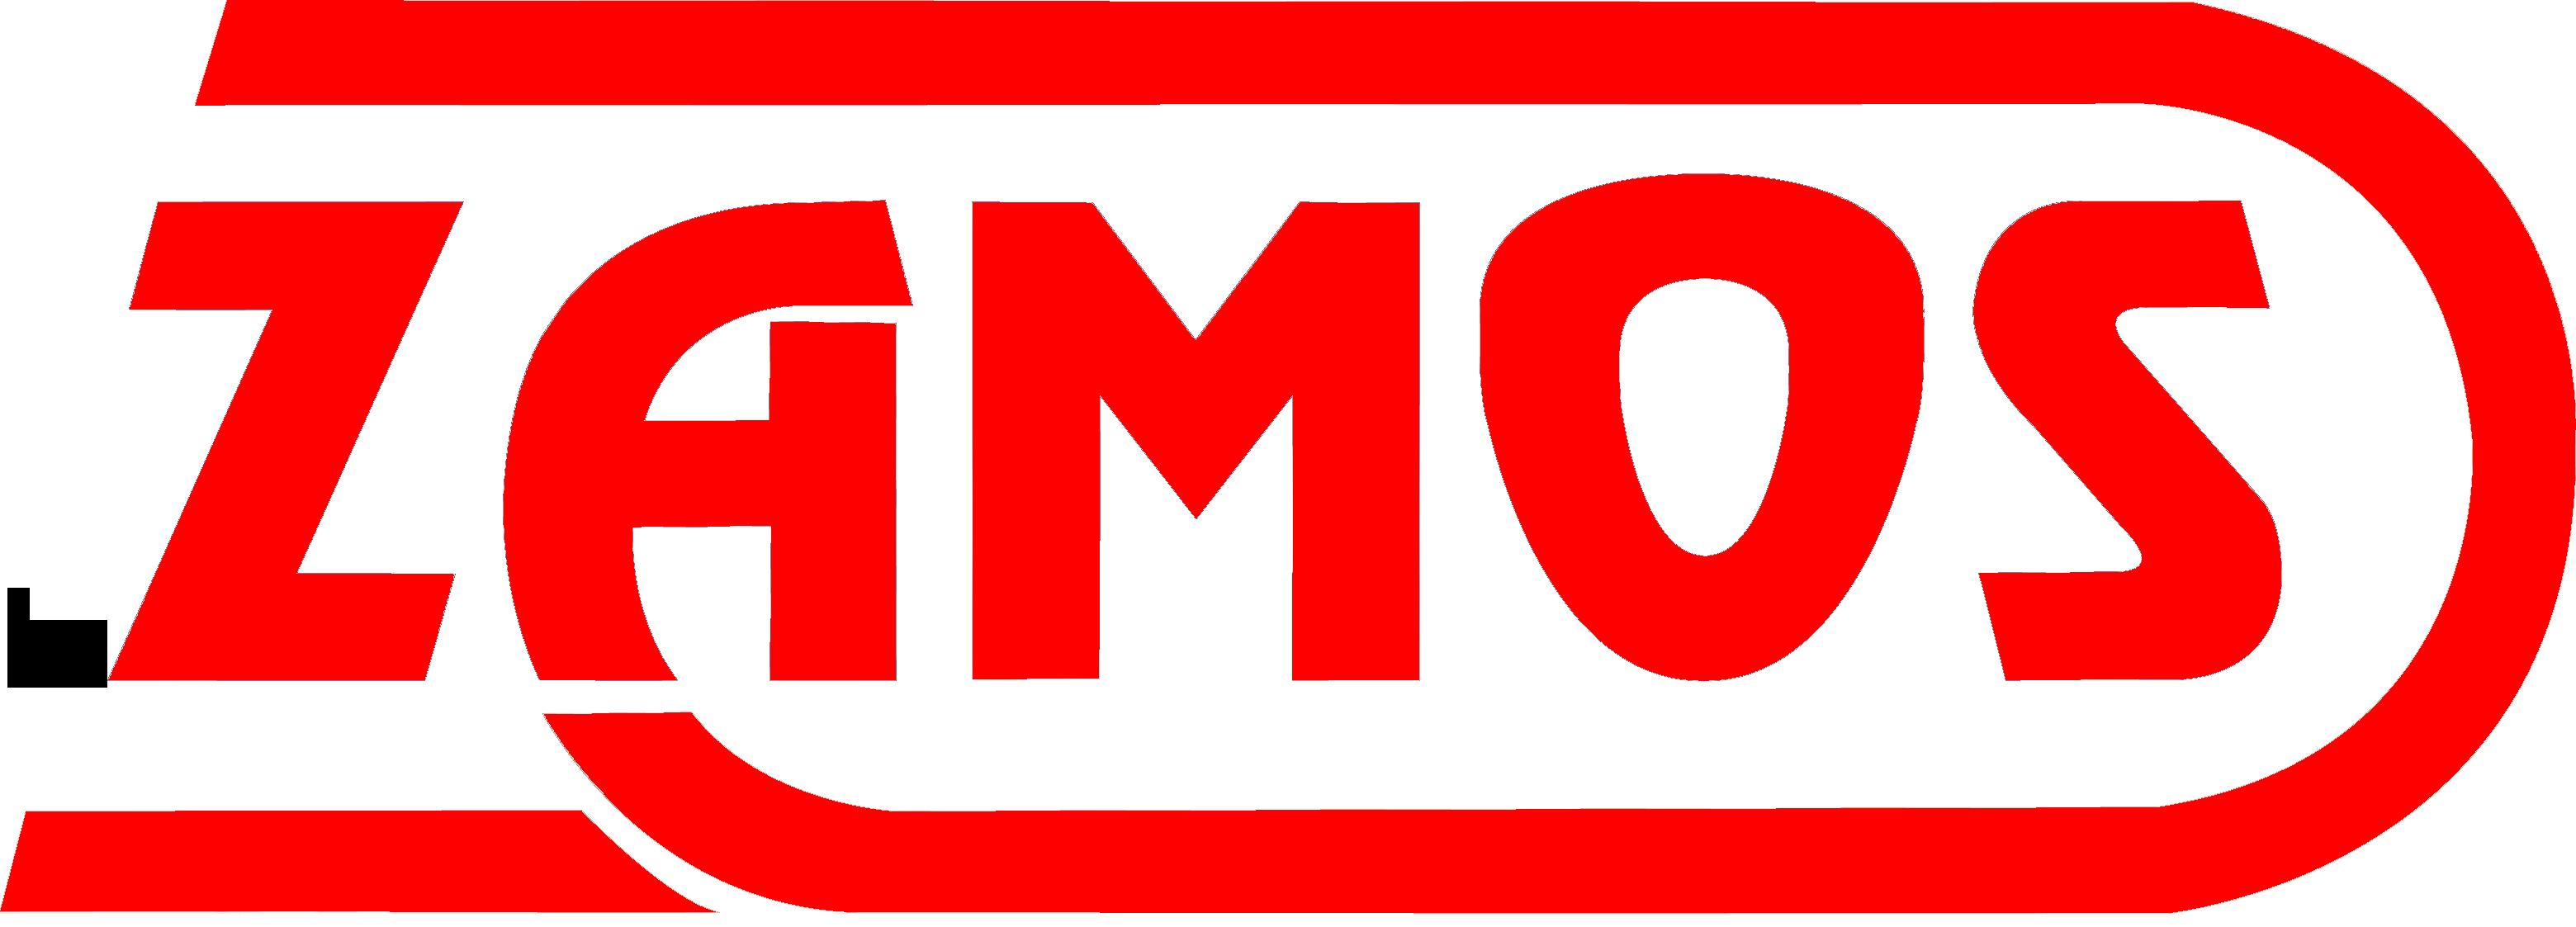 Zamos - Kovovýroba